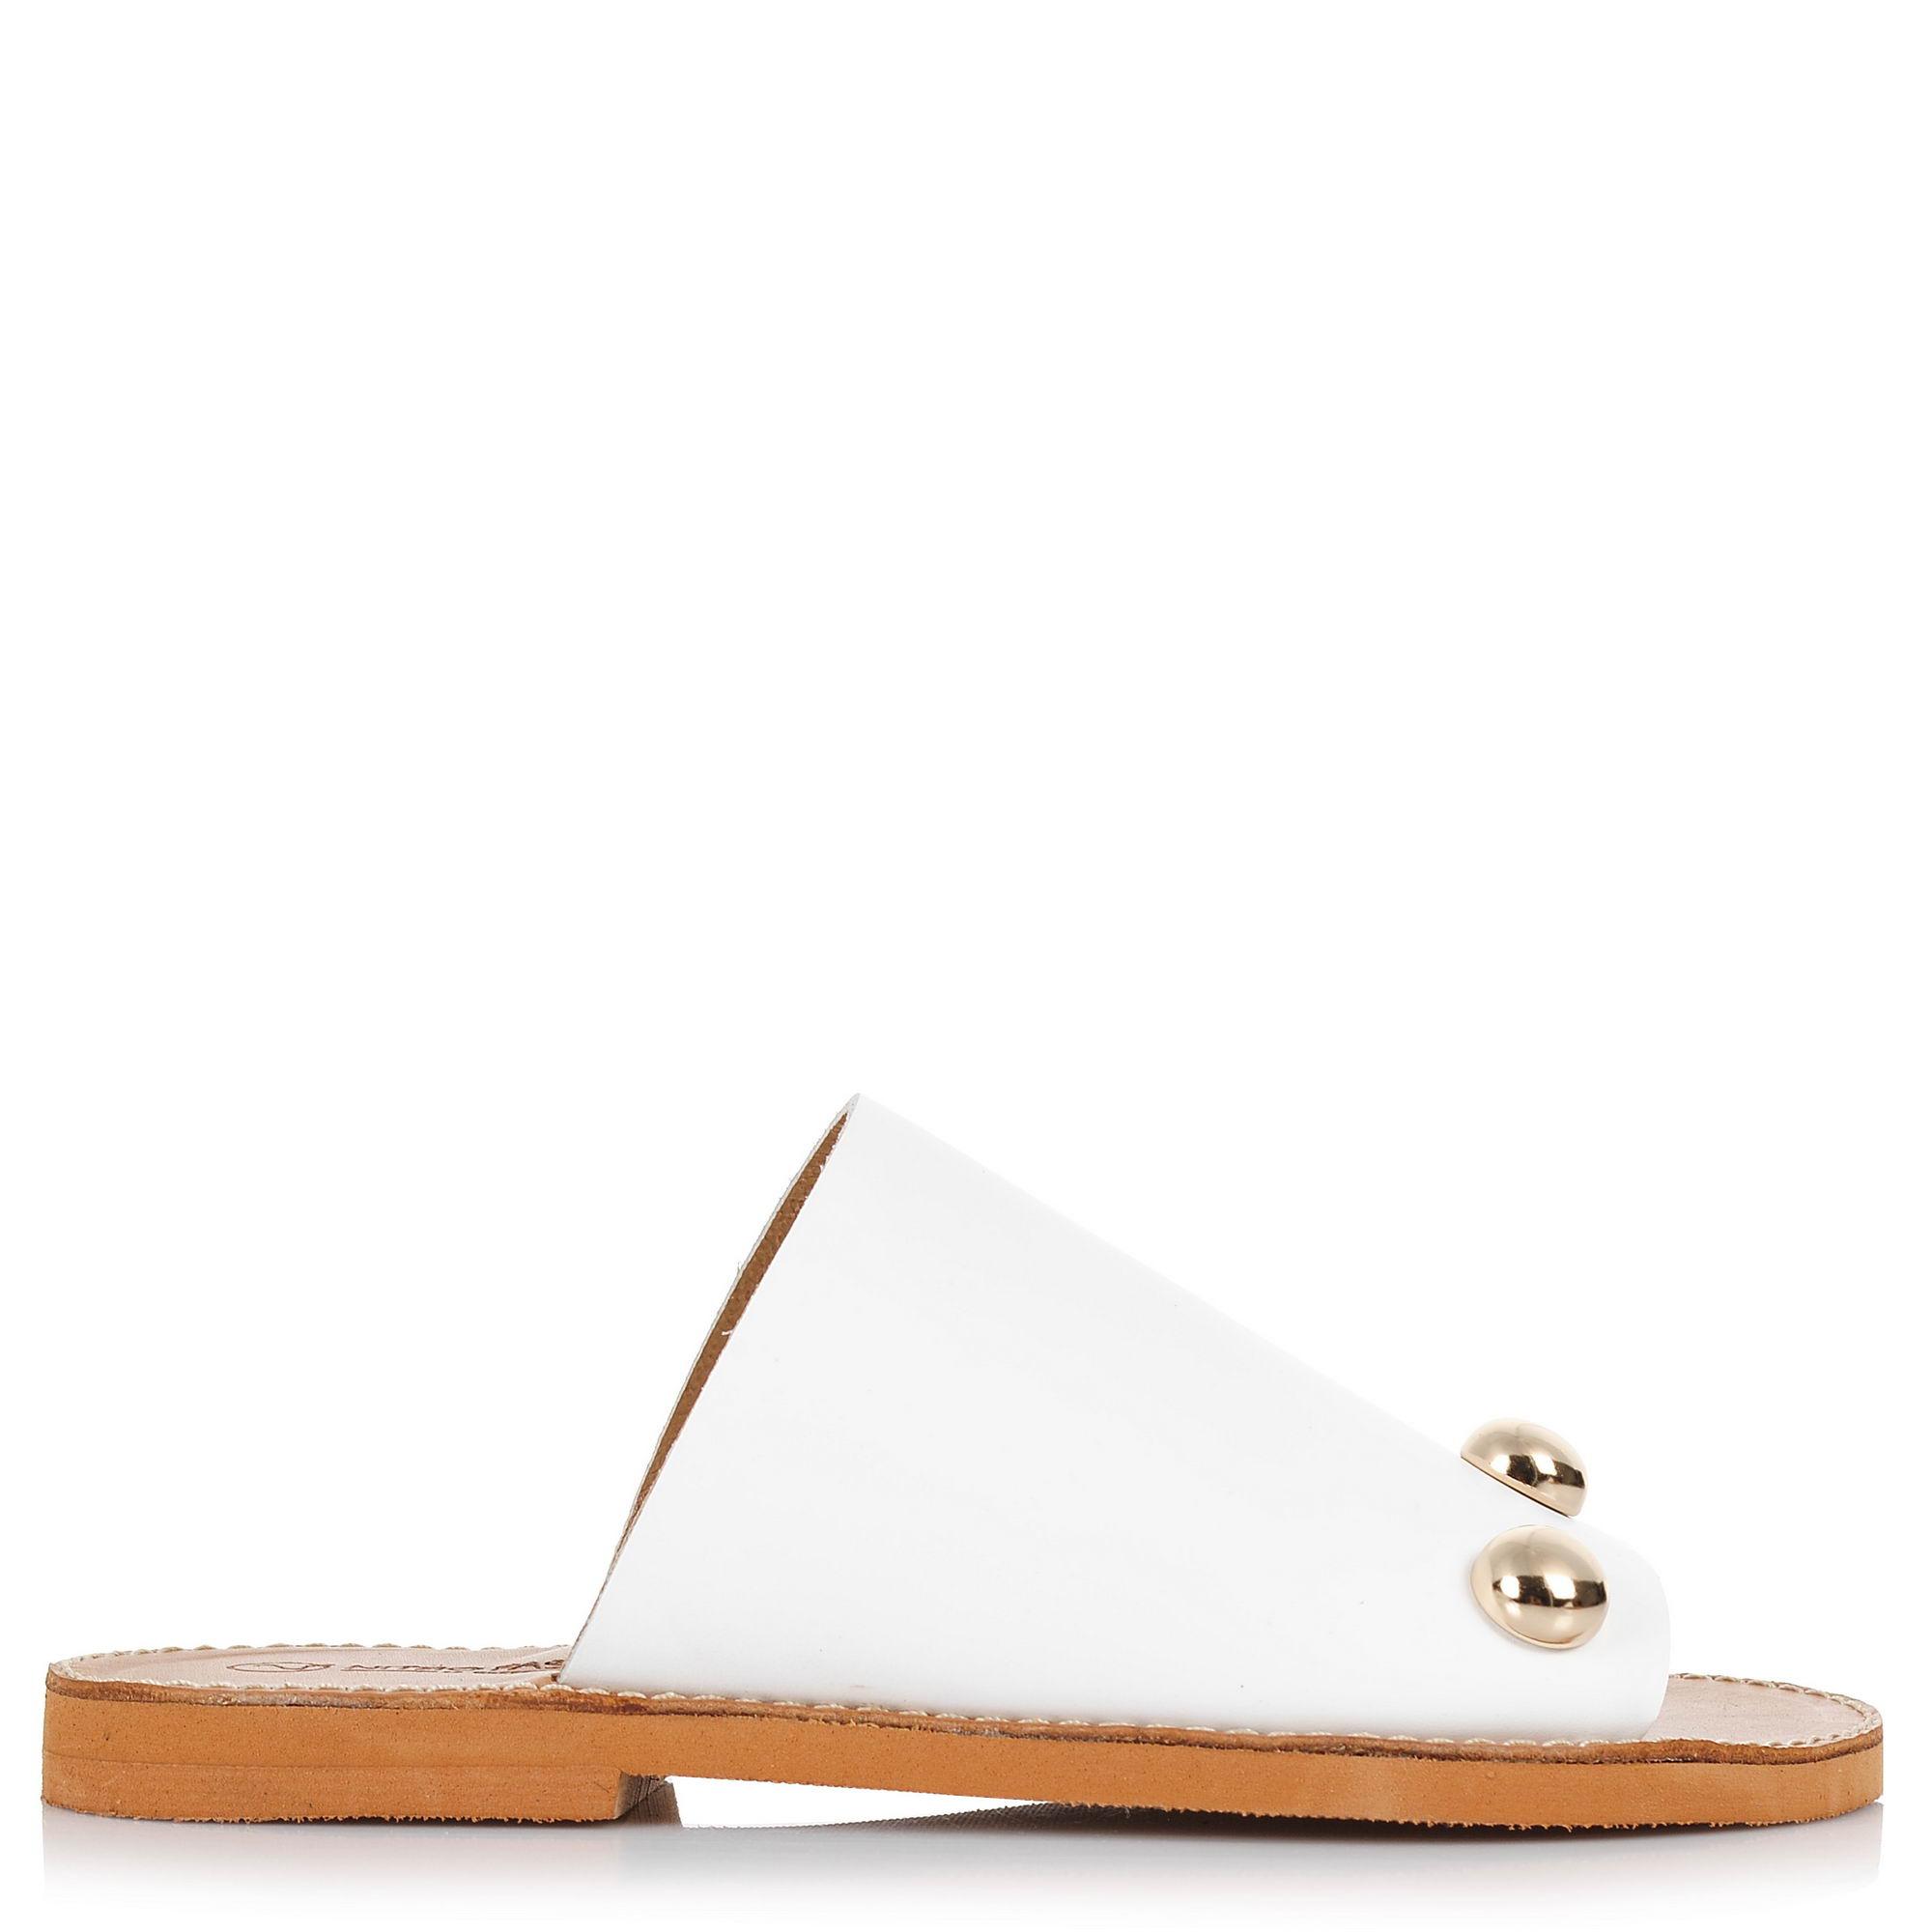 Δερμάτινα Σανδάλια Nitro Fashion SX983 γυναικα   γυναικείο παπούτσι